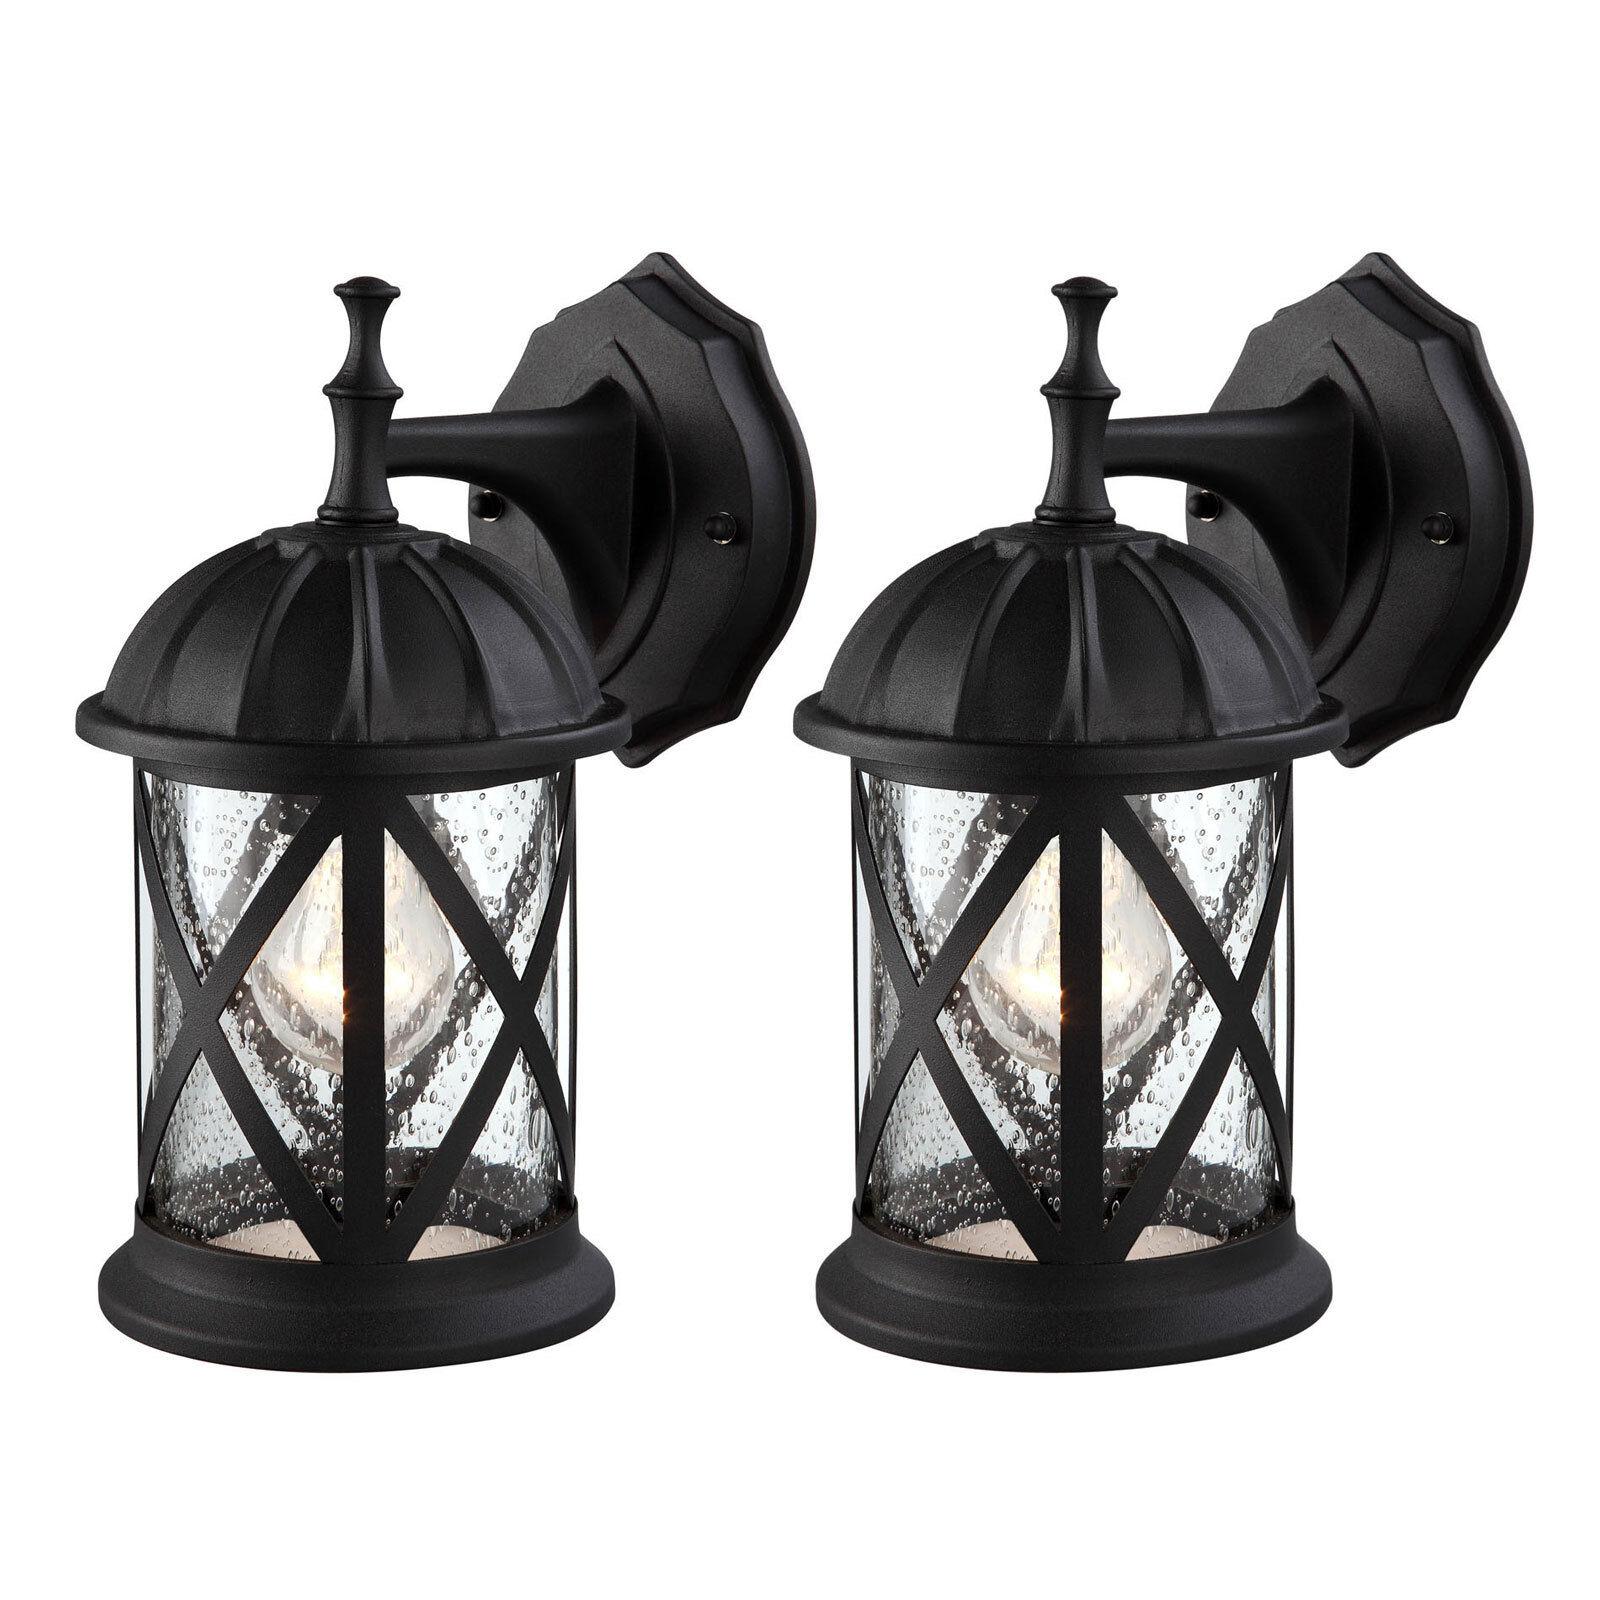 Outdoor Exterior Wall Lantern Light Fixture Sconce Twin Pack, Matte Black Home & Garden